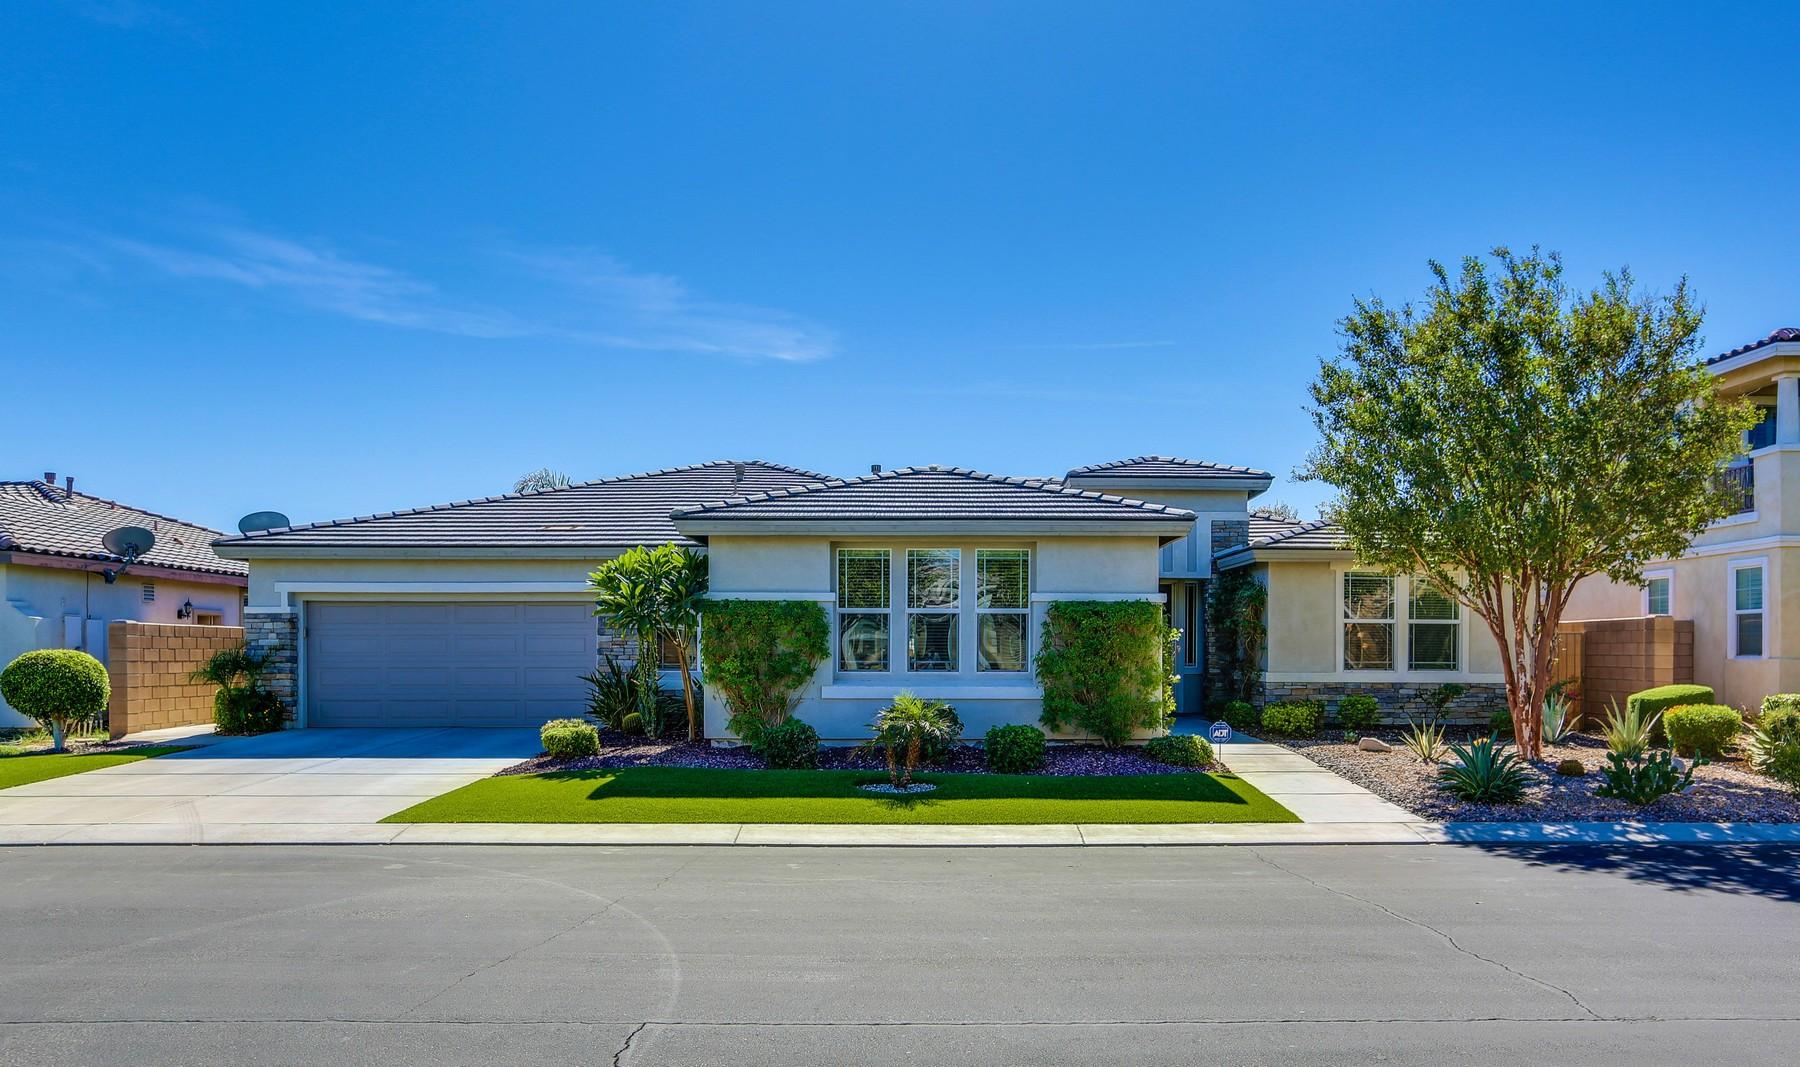 独户住宅 为 销售 在 83313 Lone Star Road 印第奥, 加利福尼亚州 92203 美国